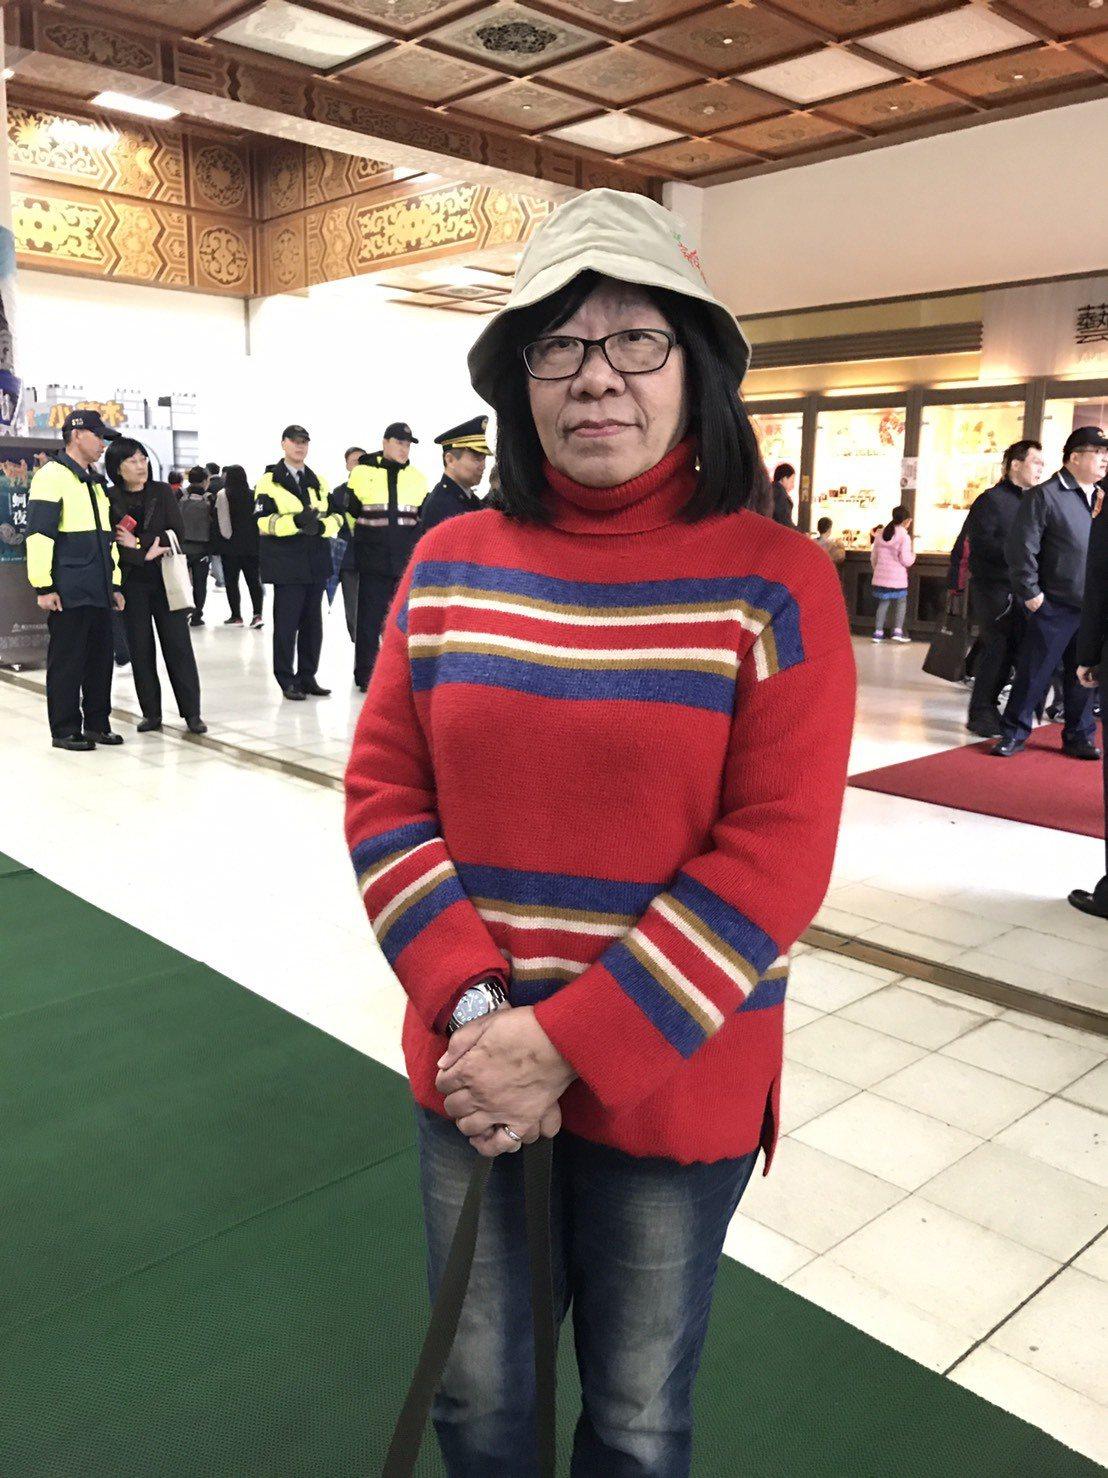 二二八關懷總會監事歐陽煇美的父親歐陽文,是知名畫家陳澄坡弟子,因參與水上機場抗議...